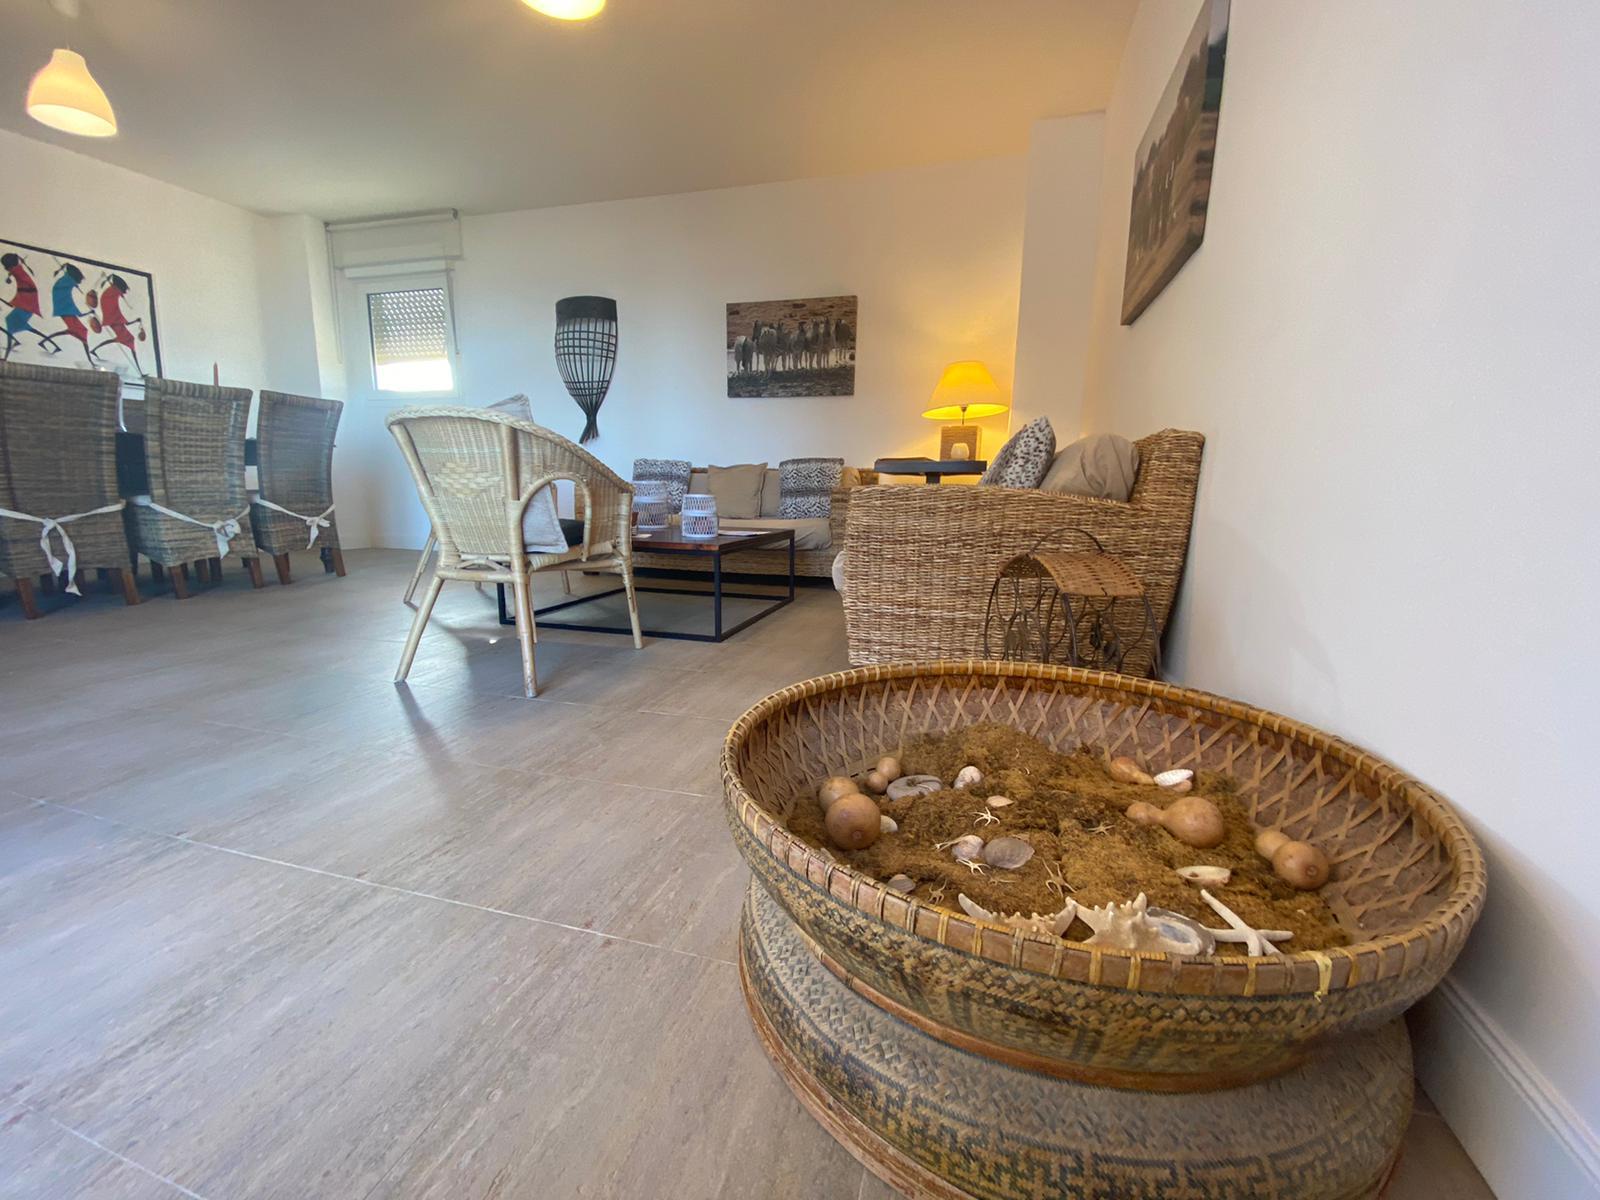 Imagen 11 del Apartamento Turístico, Ático 6 Levante (3d+2b), Punta del Moral (HUELVA), Paseo de la Cruz nº22